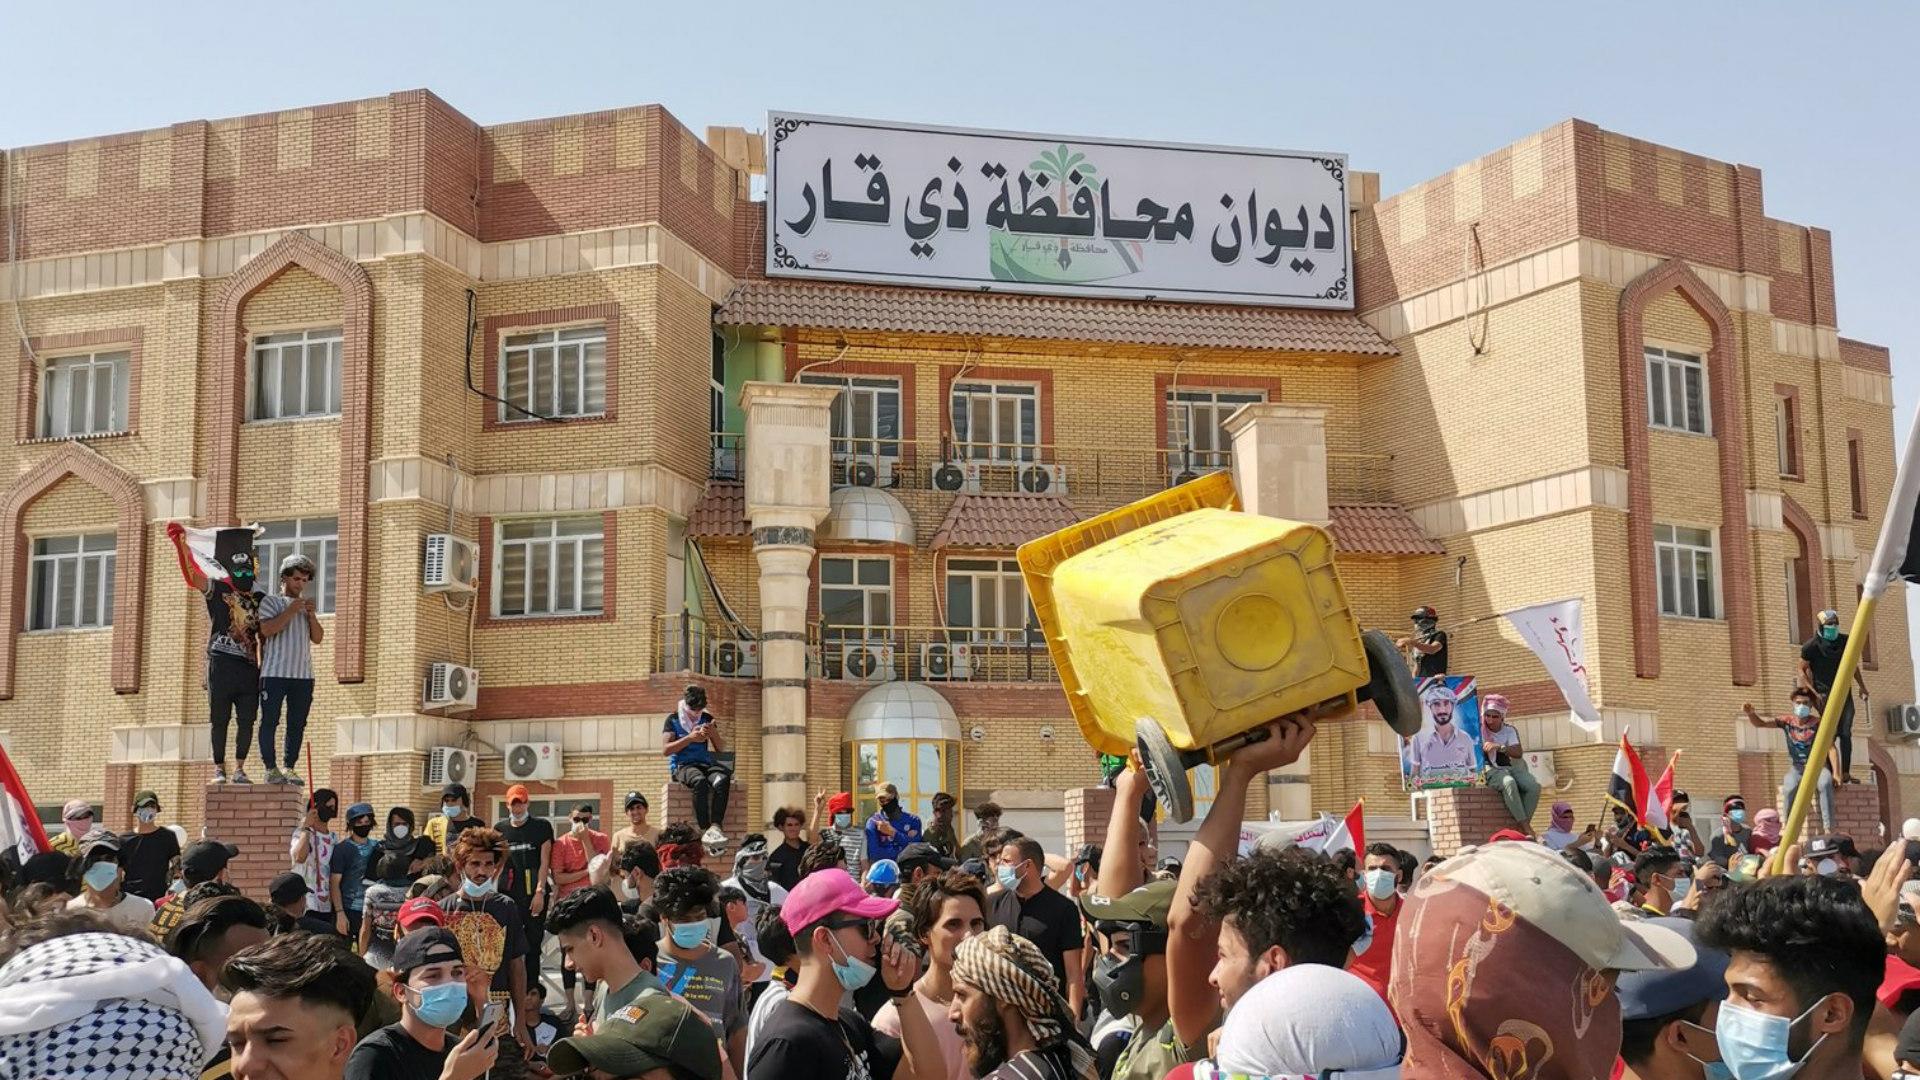 محكمة استئناف ذي قار: جميع المتظاهرين السلميين المقبوض عليهم قد تم إخلاء سبيلهم